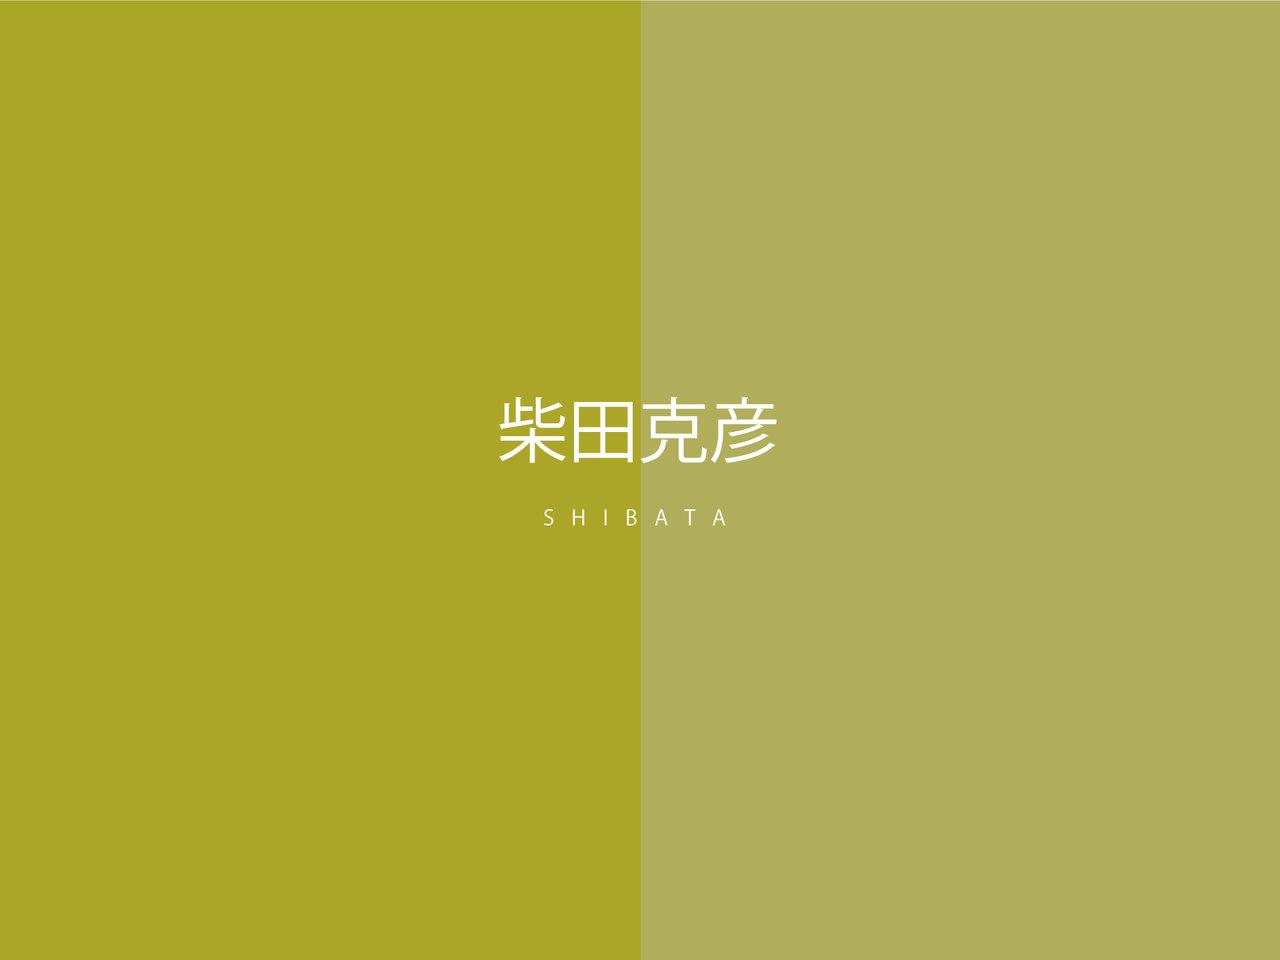 ベルリン・コンツェルトハウス室内オーケストラ 2019年12月9日 東京文化会館小ホール